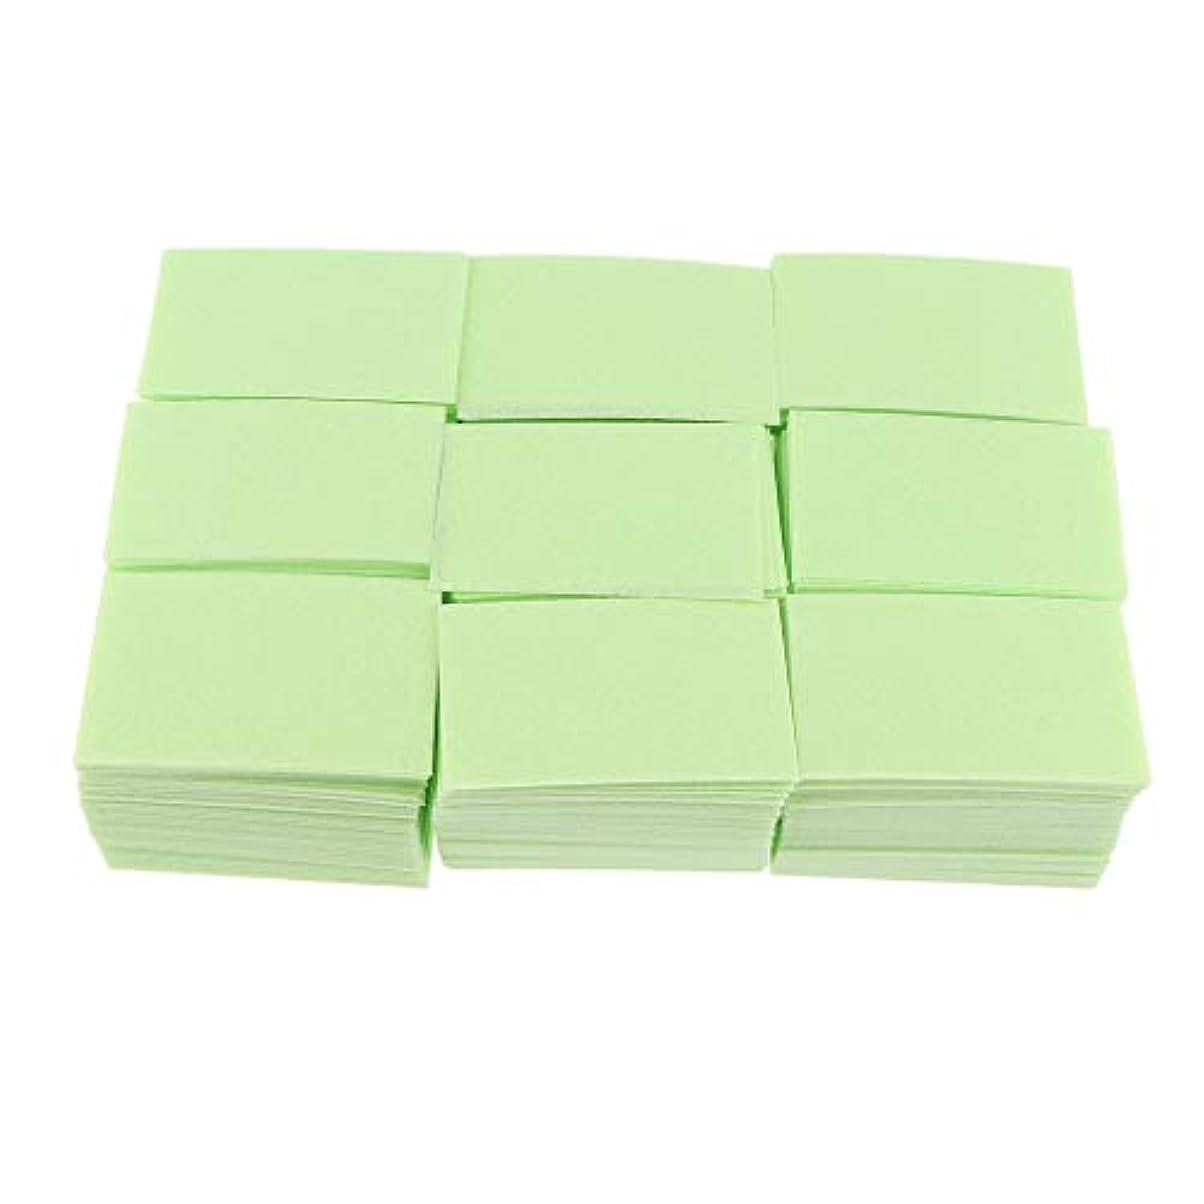 シネウィ推論素晴らしさ約700枚 ネイルポリッシュリムーバー 綿パッド 2色選べ - 緑